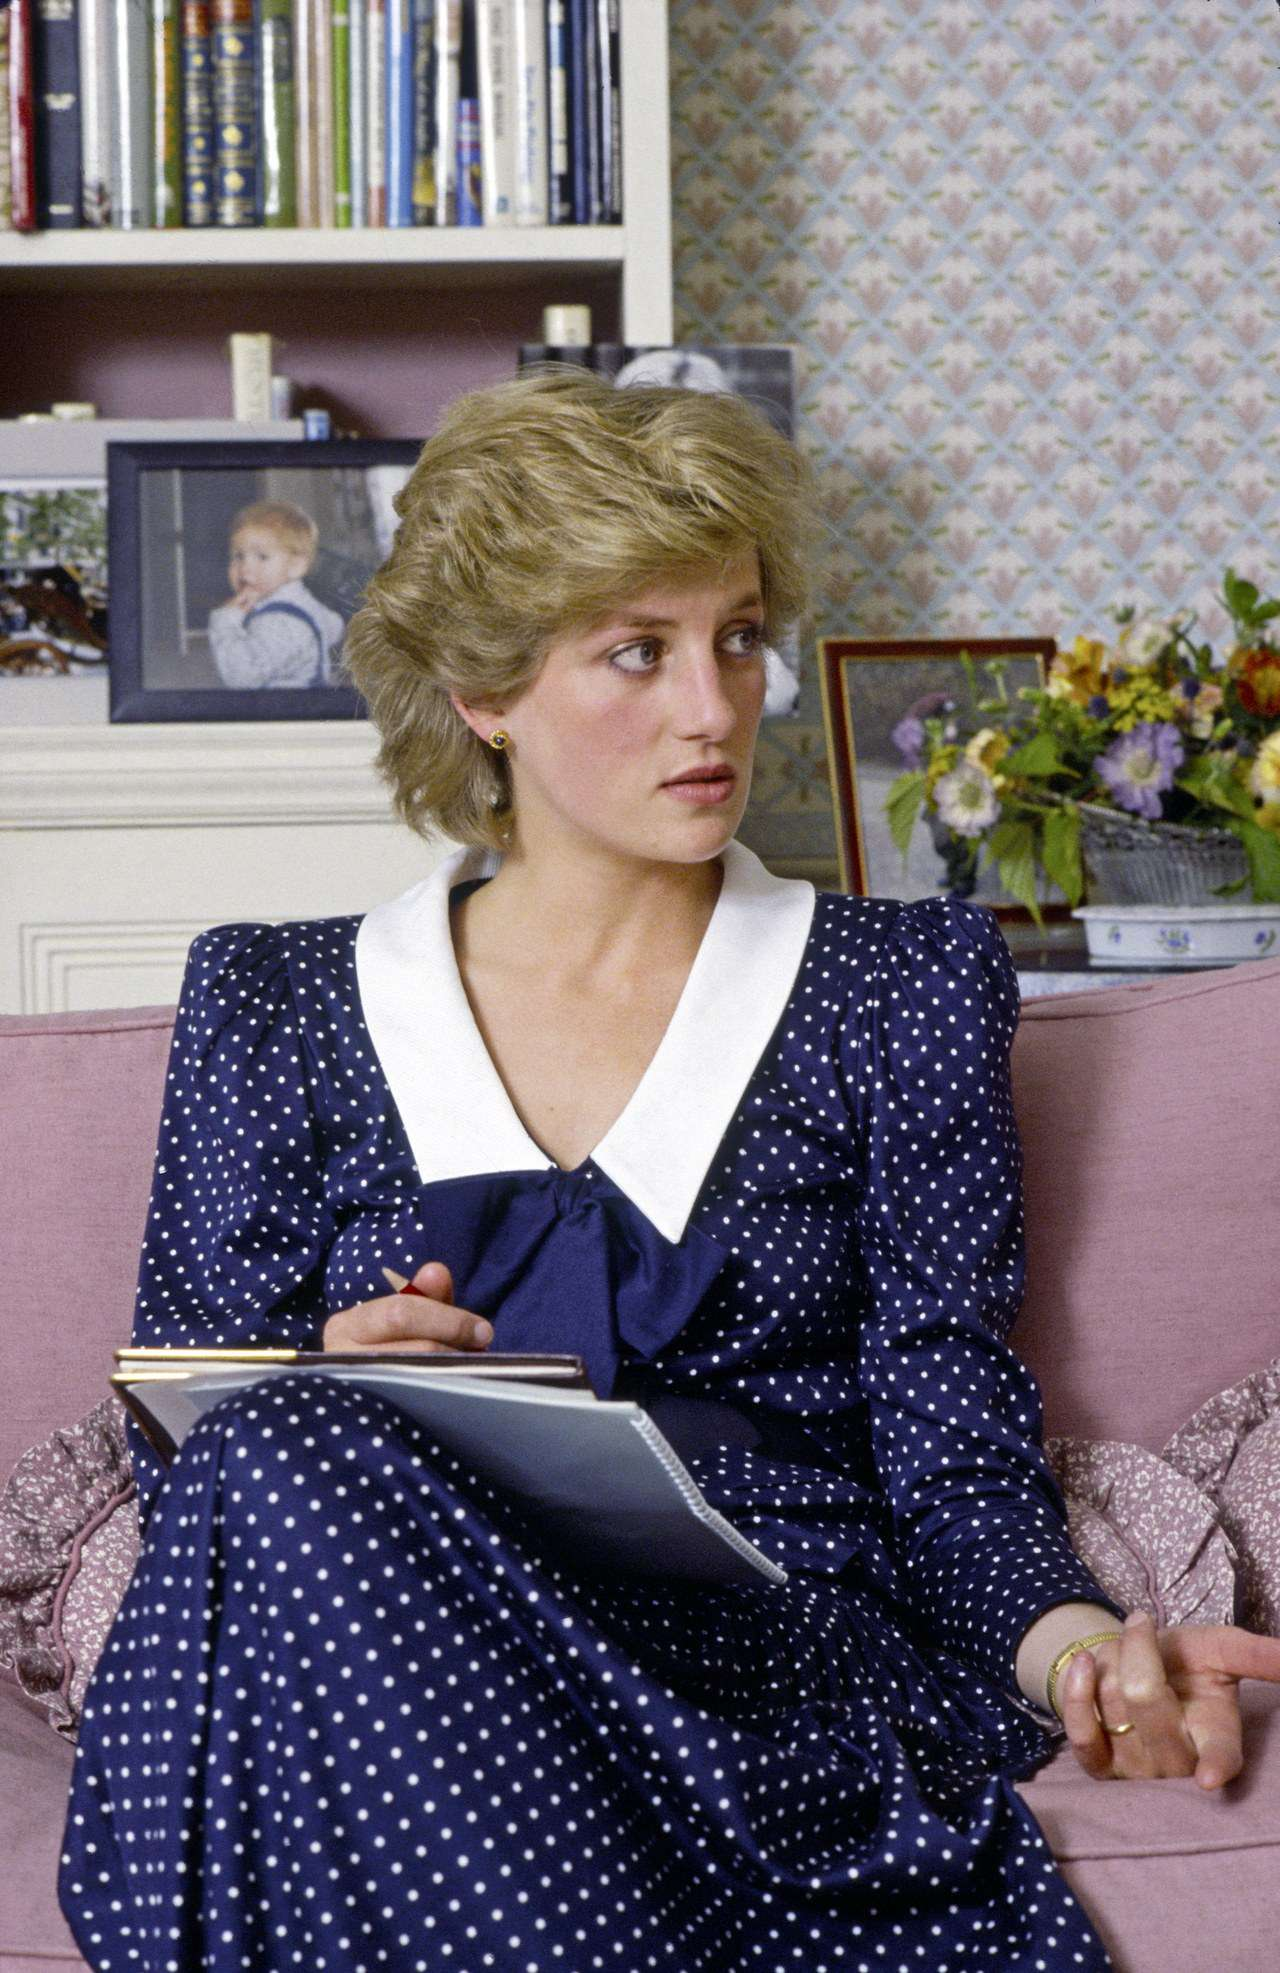 Księżna Diana w sukience w grochy